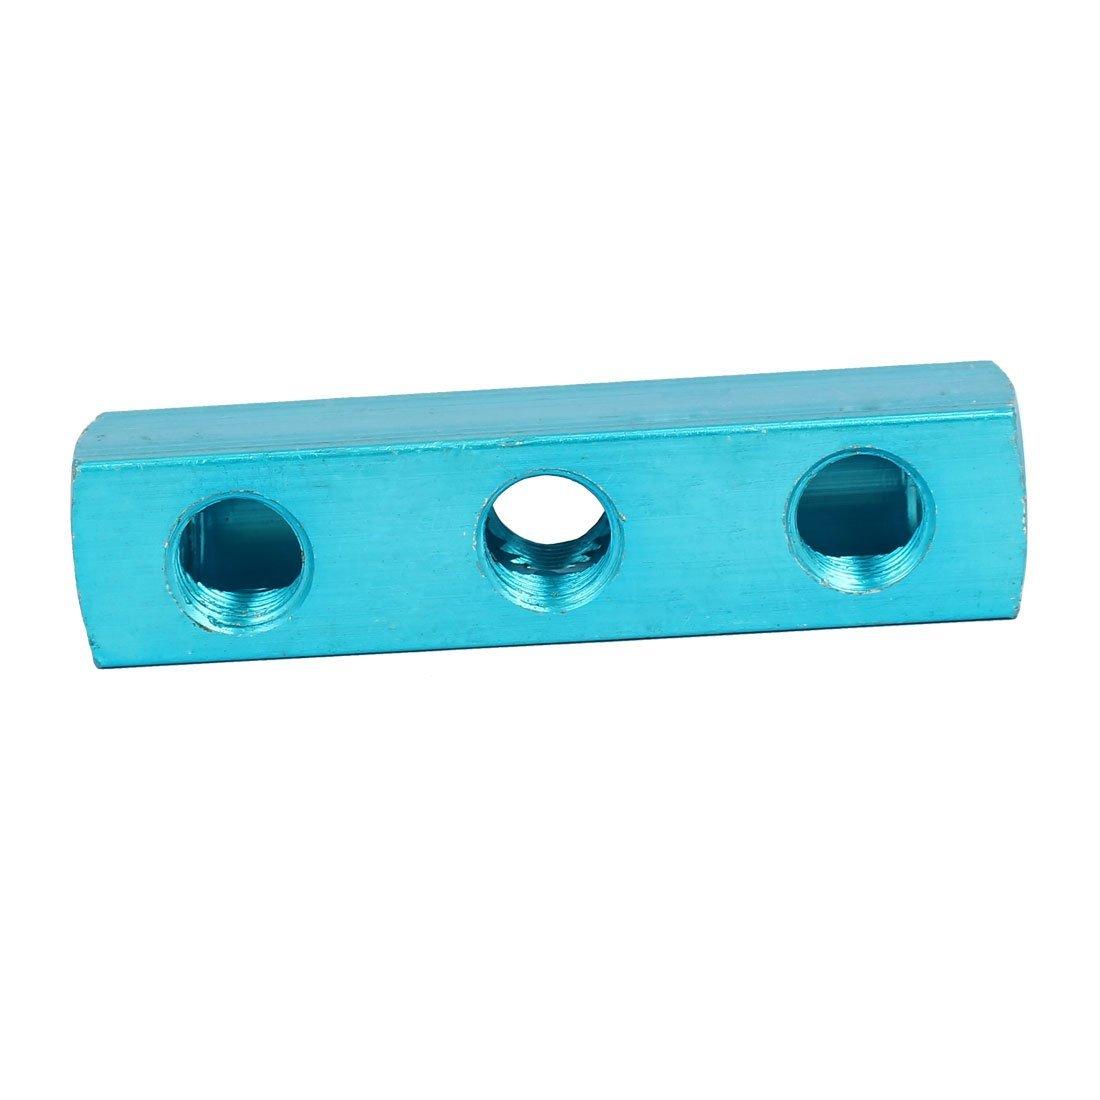 eDealMax 1/4 PT Tema 6 Puertos 3 Manguera de aire de manera Inline colector del divisor de bloque azul - - Amazon.com